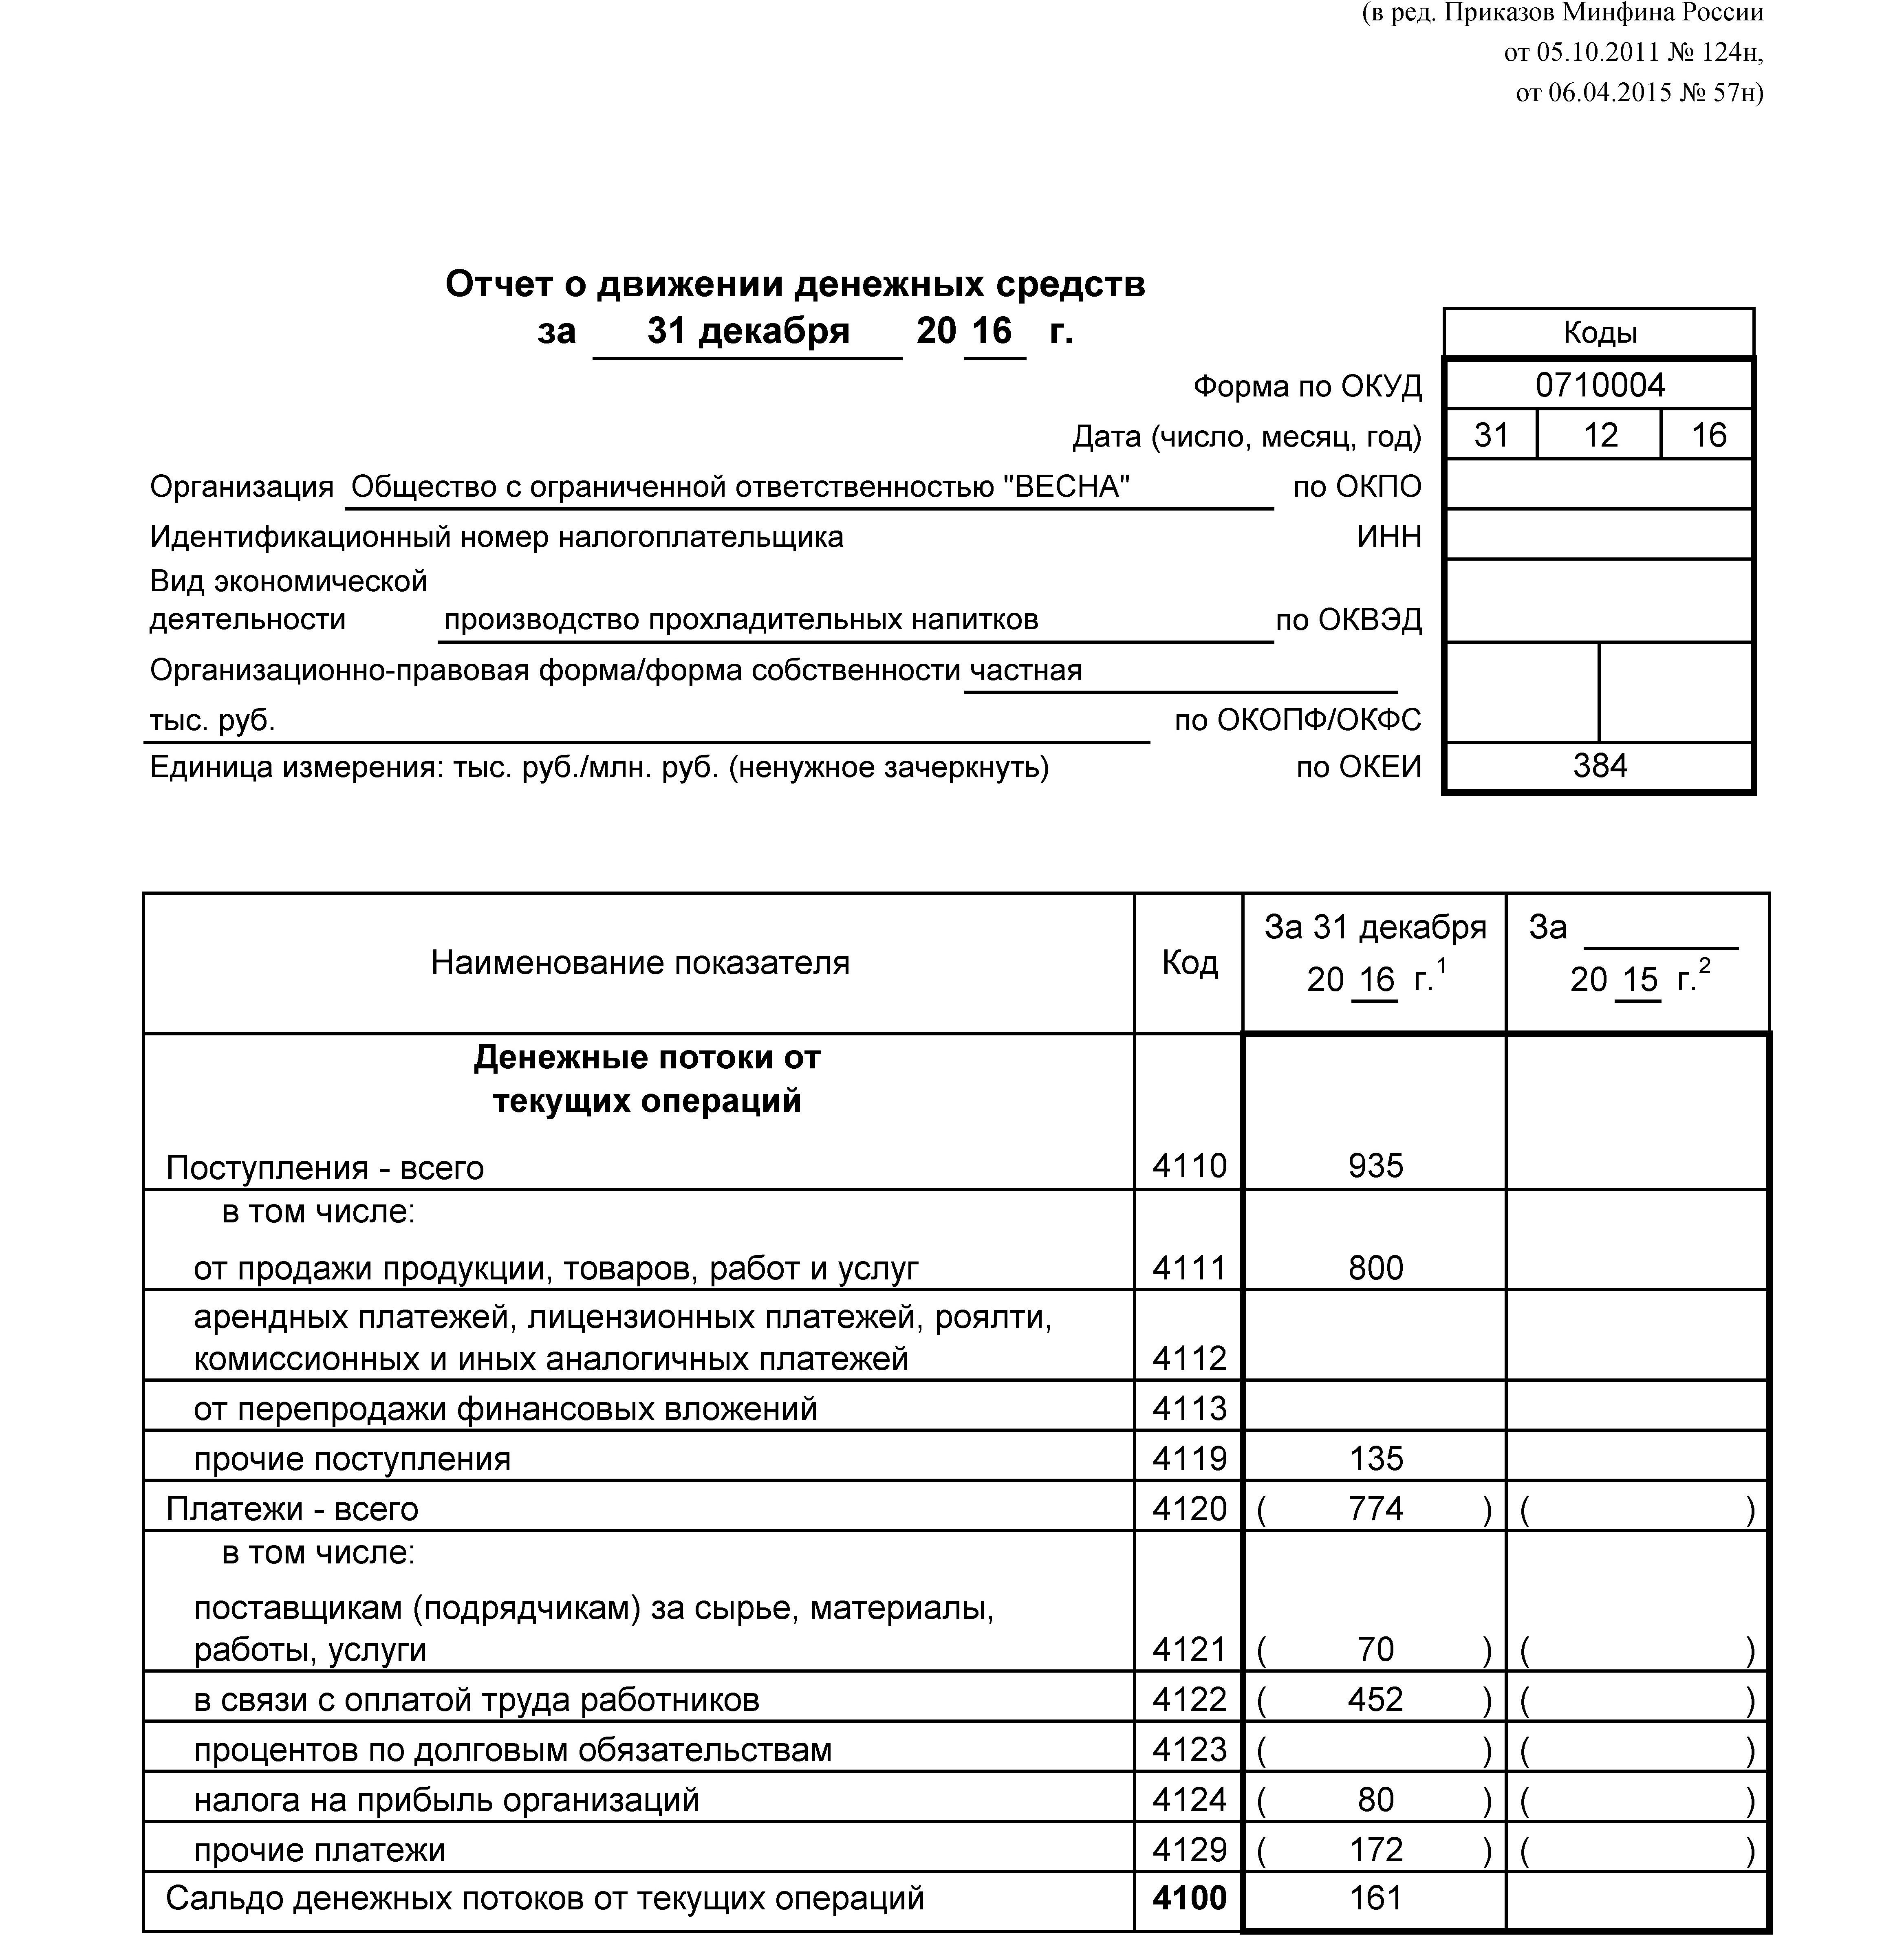 пример заполнения формы 4 (страница 1)